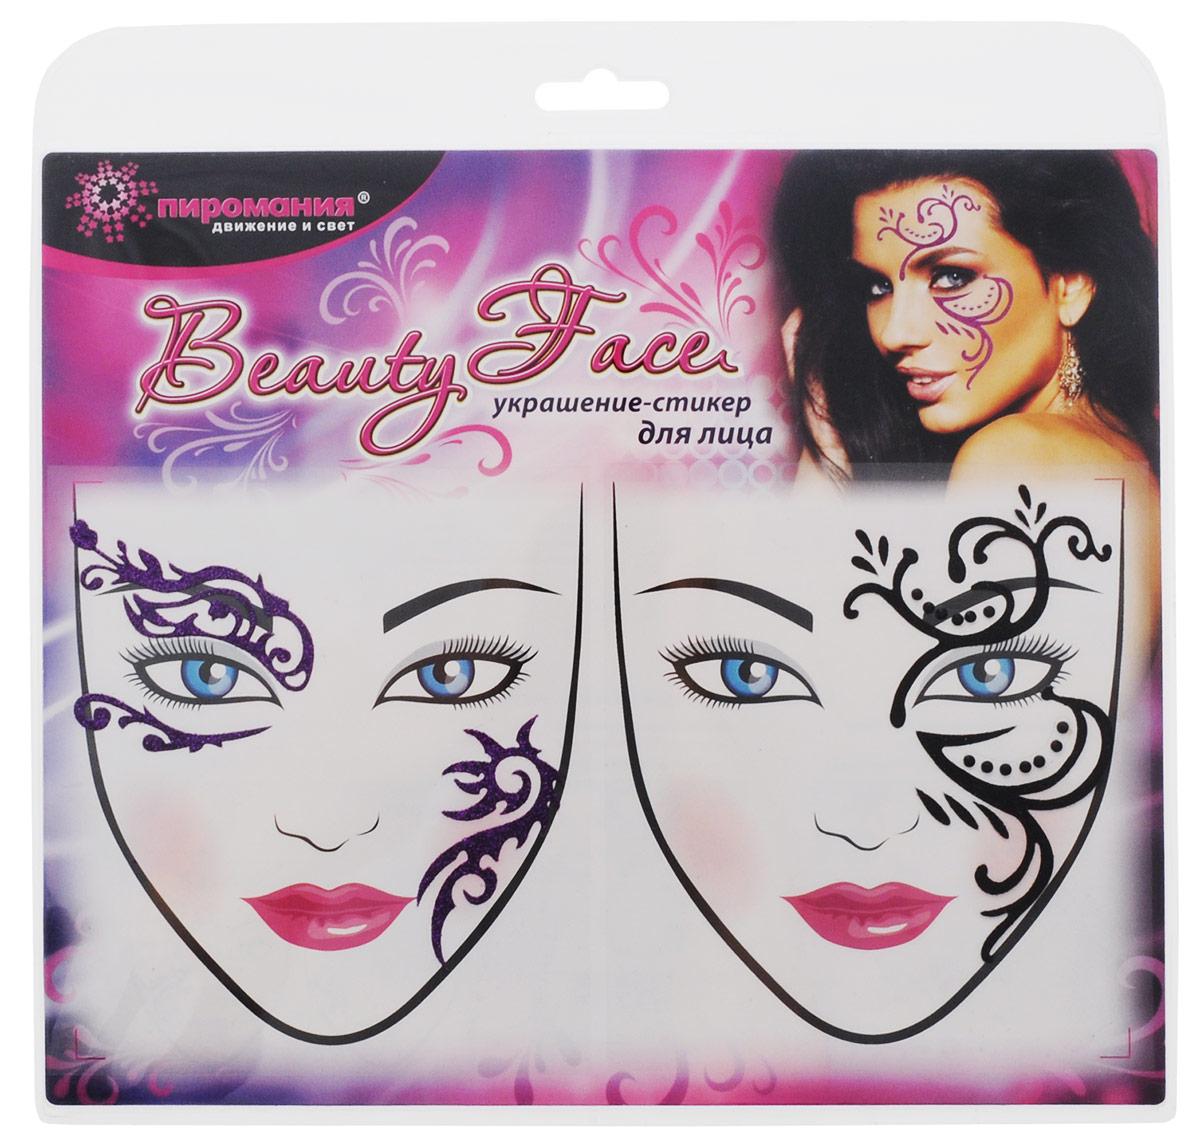 Фото Partymania Украшение-стикер для лица Beauty Face цвет фиолетовый черный 2 шт. Купить  в РФ